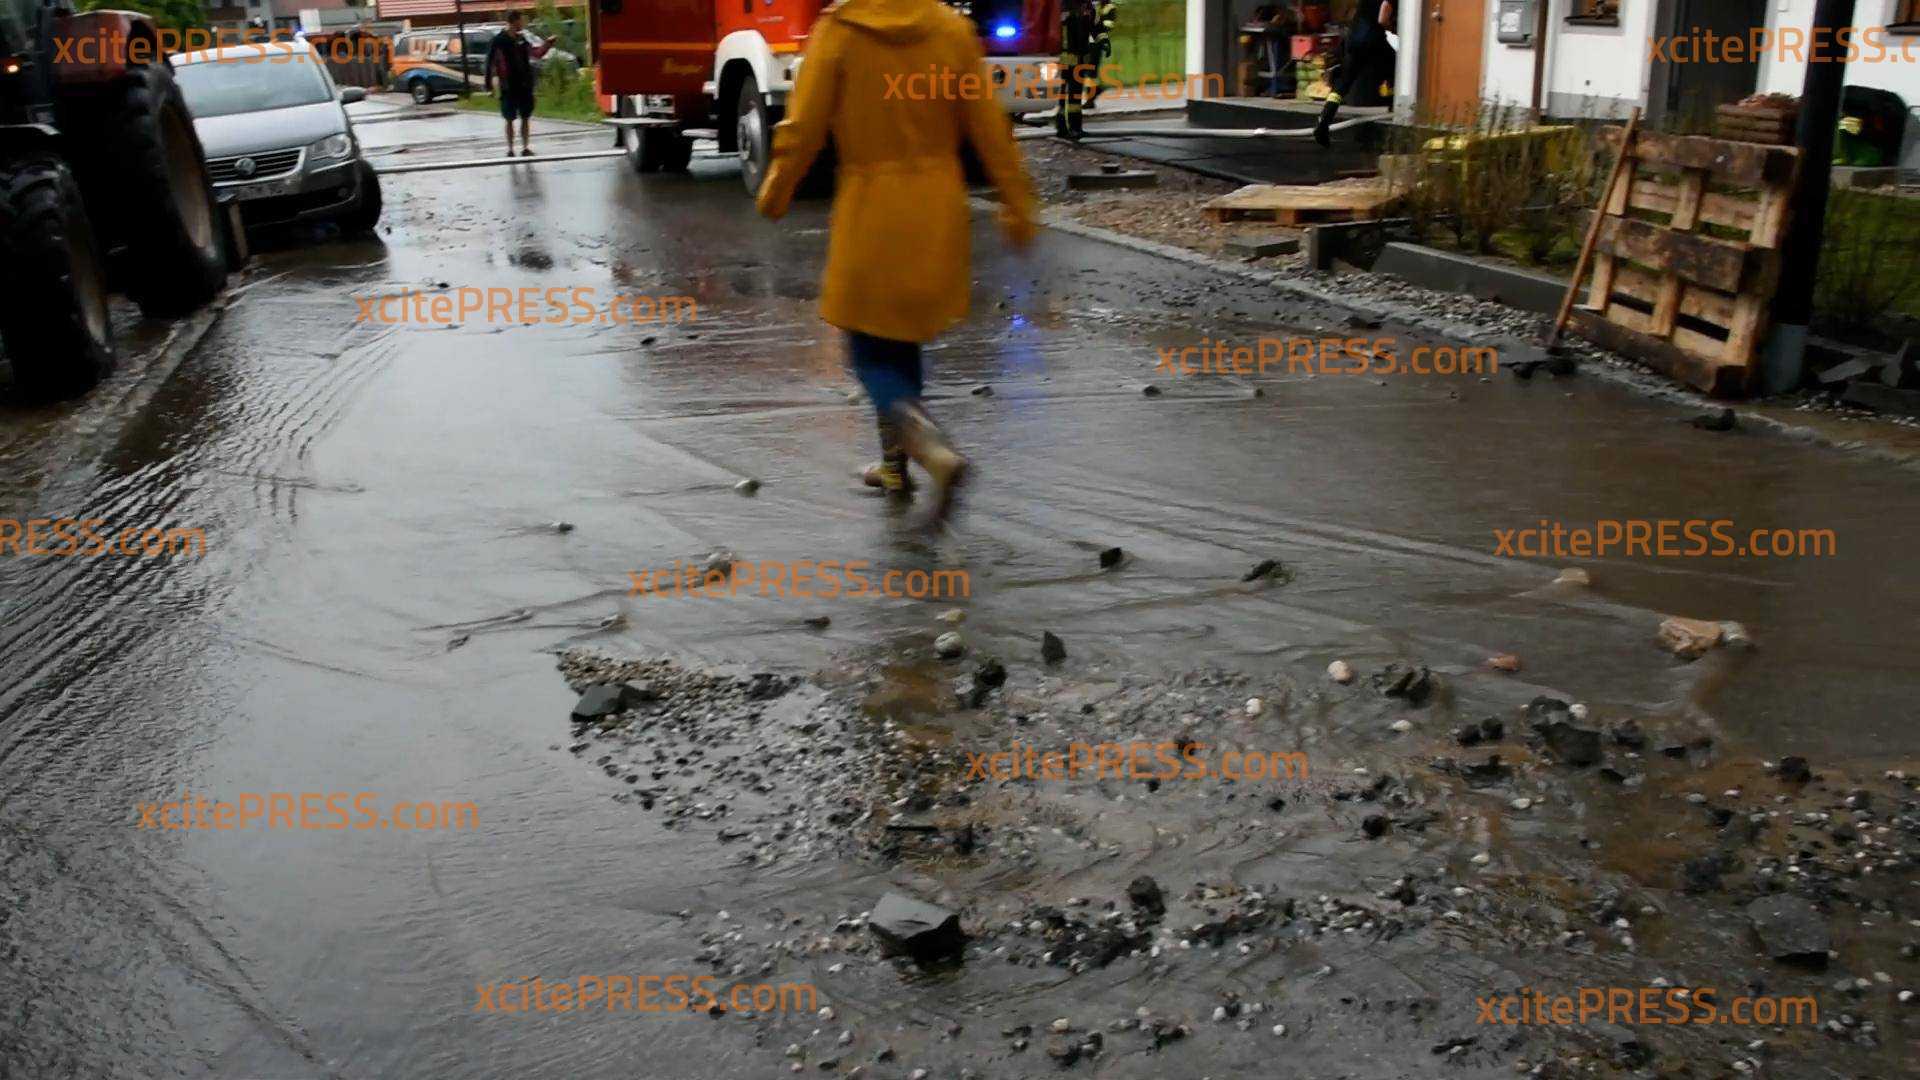 Extremes Gewitter lässt Keller laufen voll: Feuerwehr mit 60 Kameraden im Einsatz